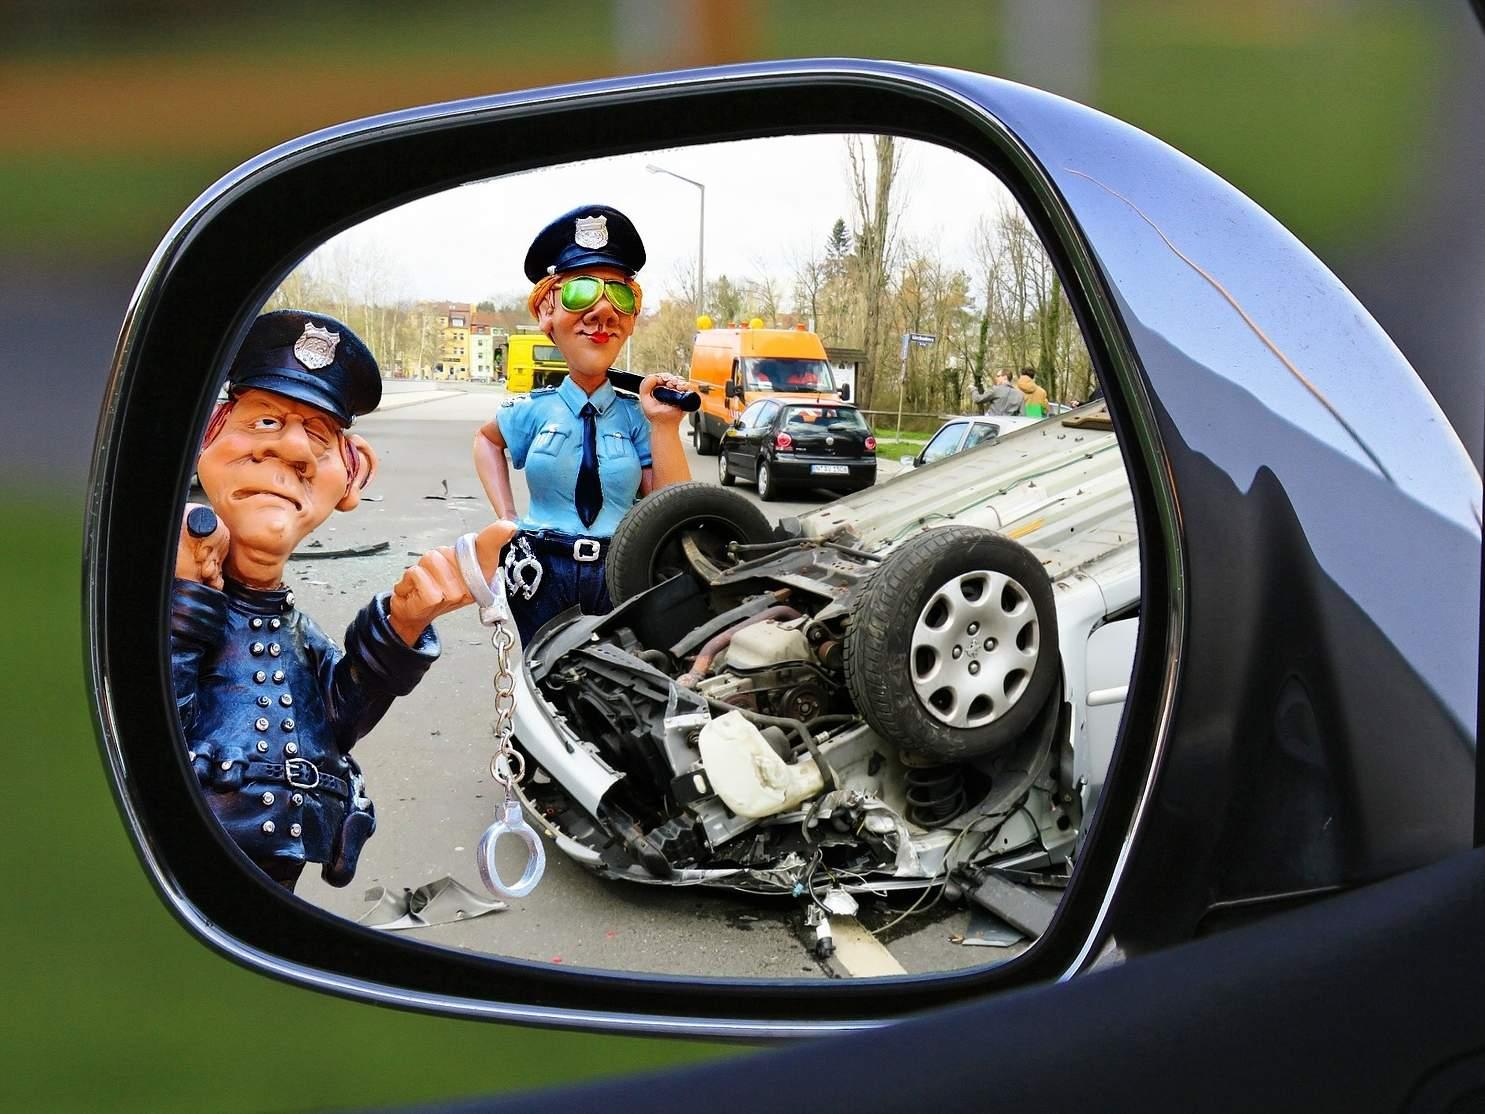 Uberの自動運転と死亡事故